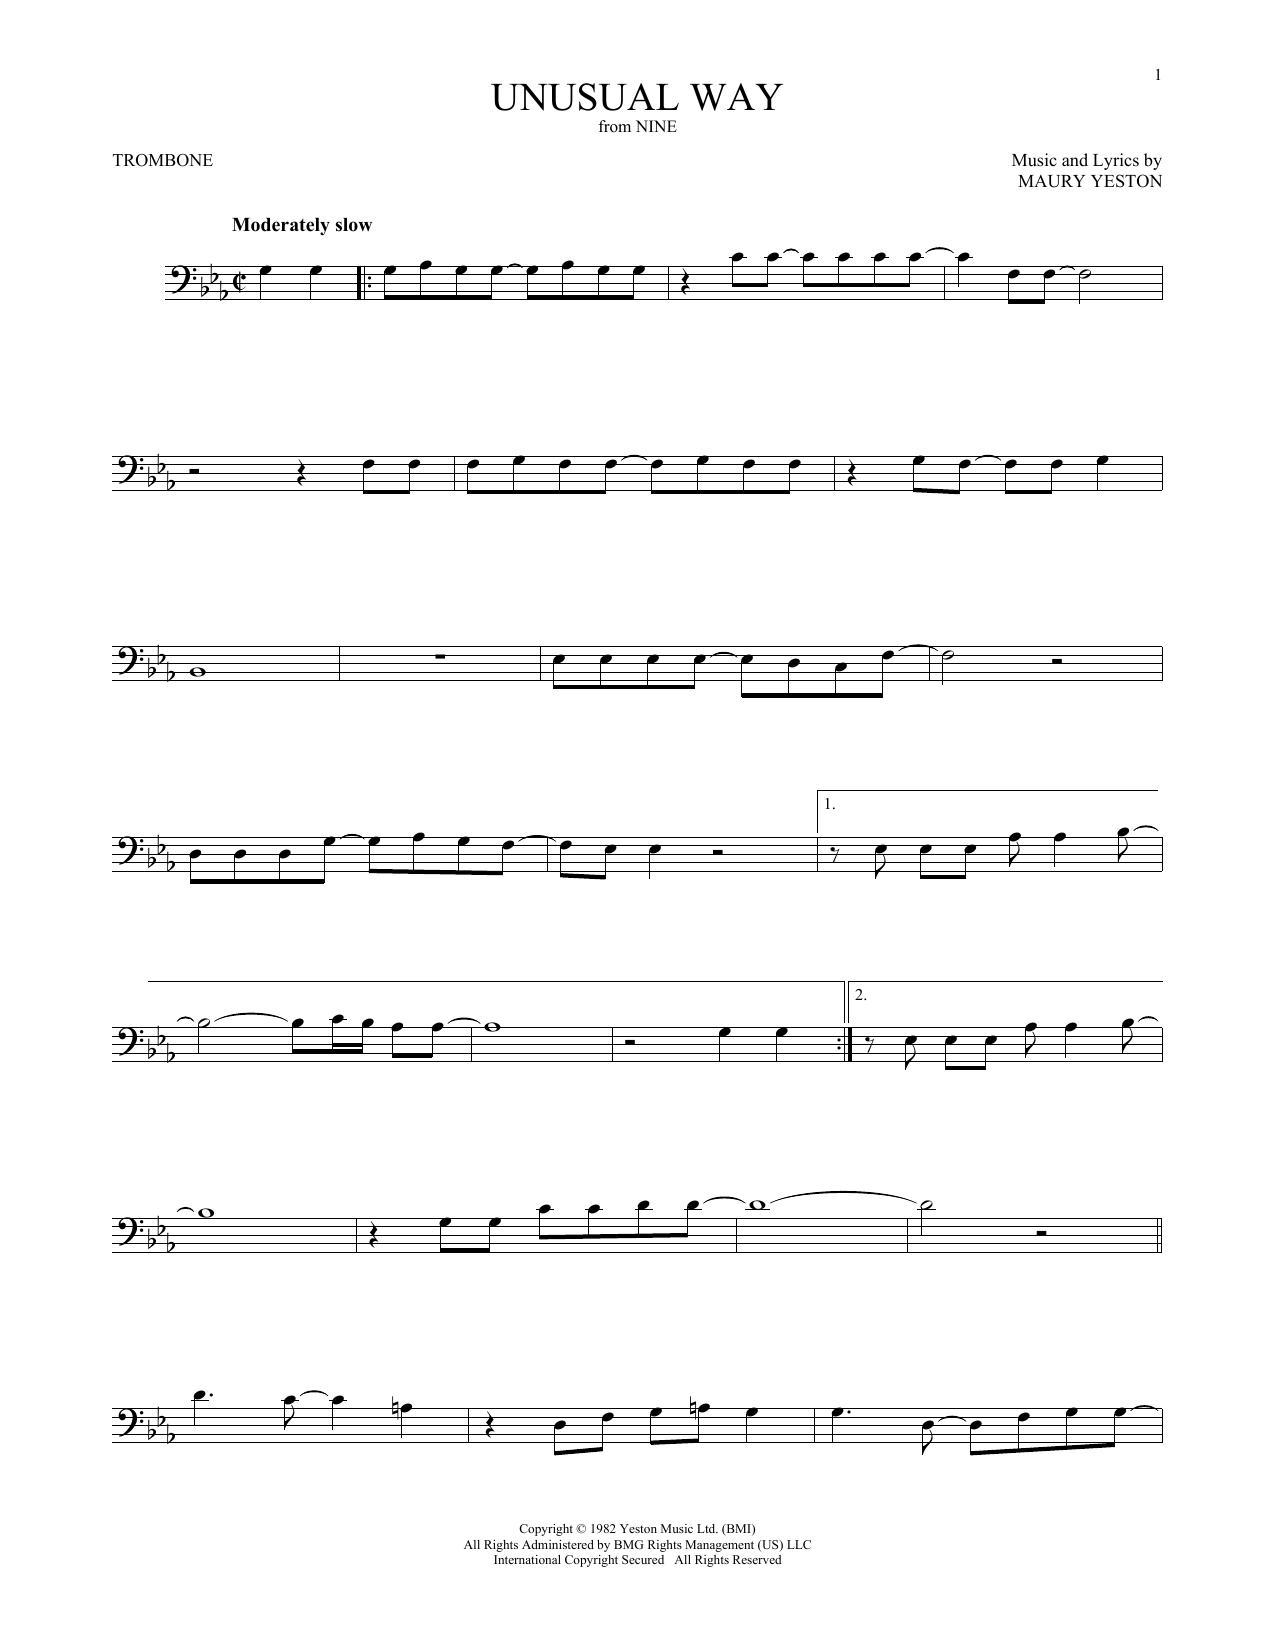 Unusual Way (Trombone Solo)